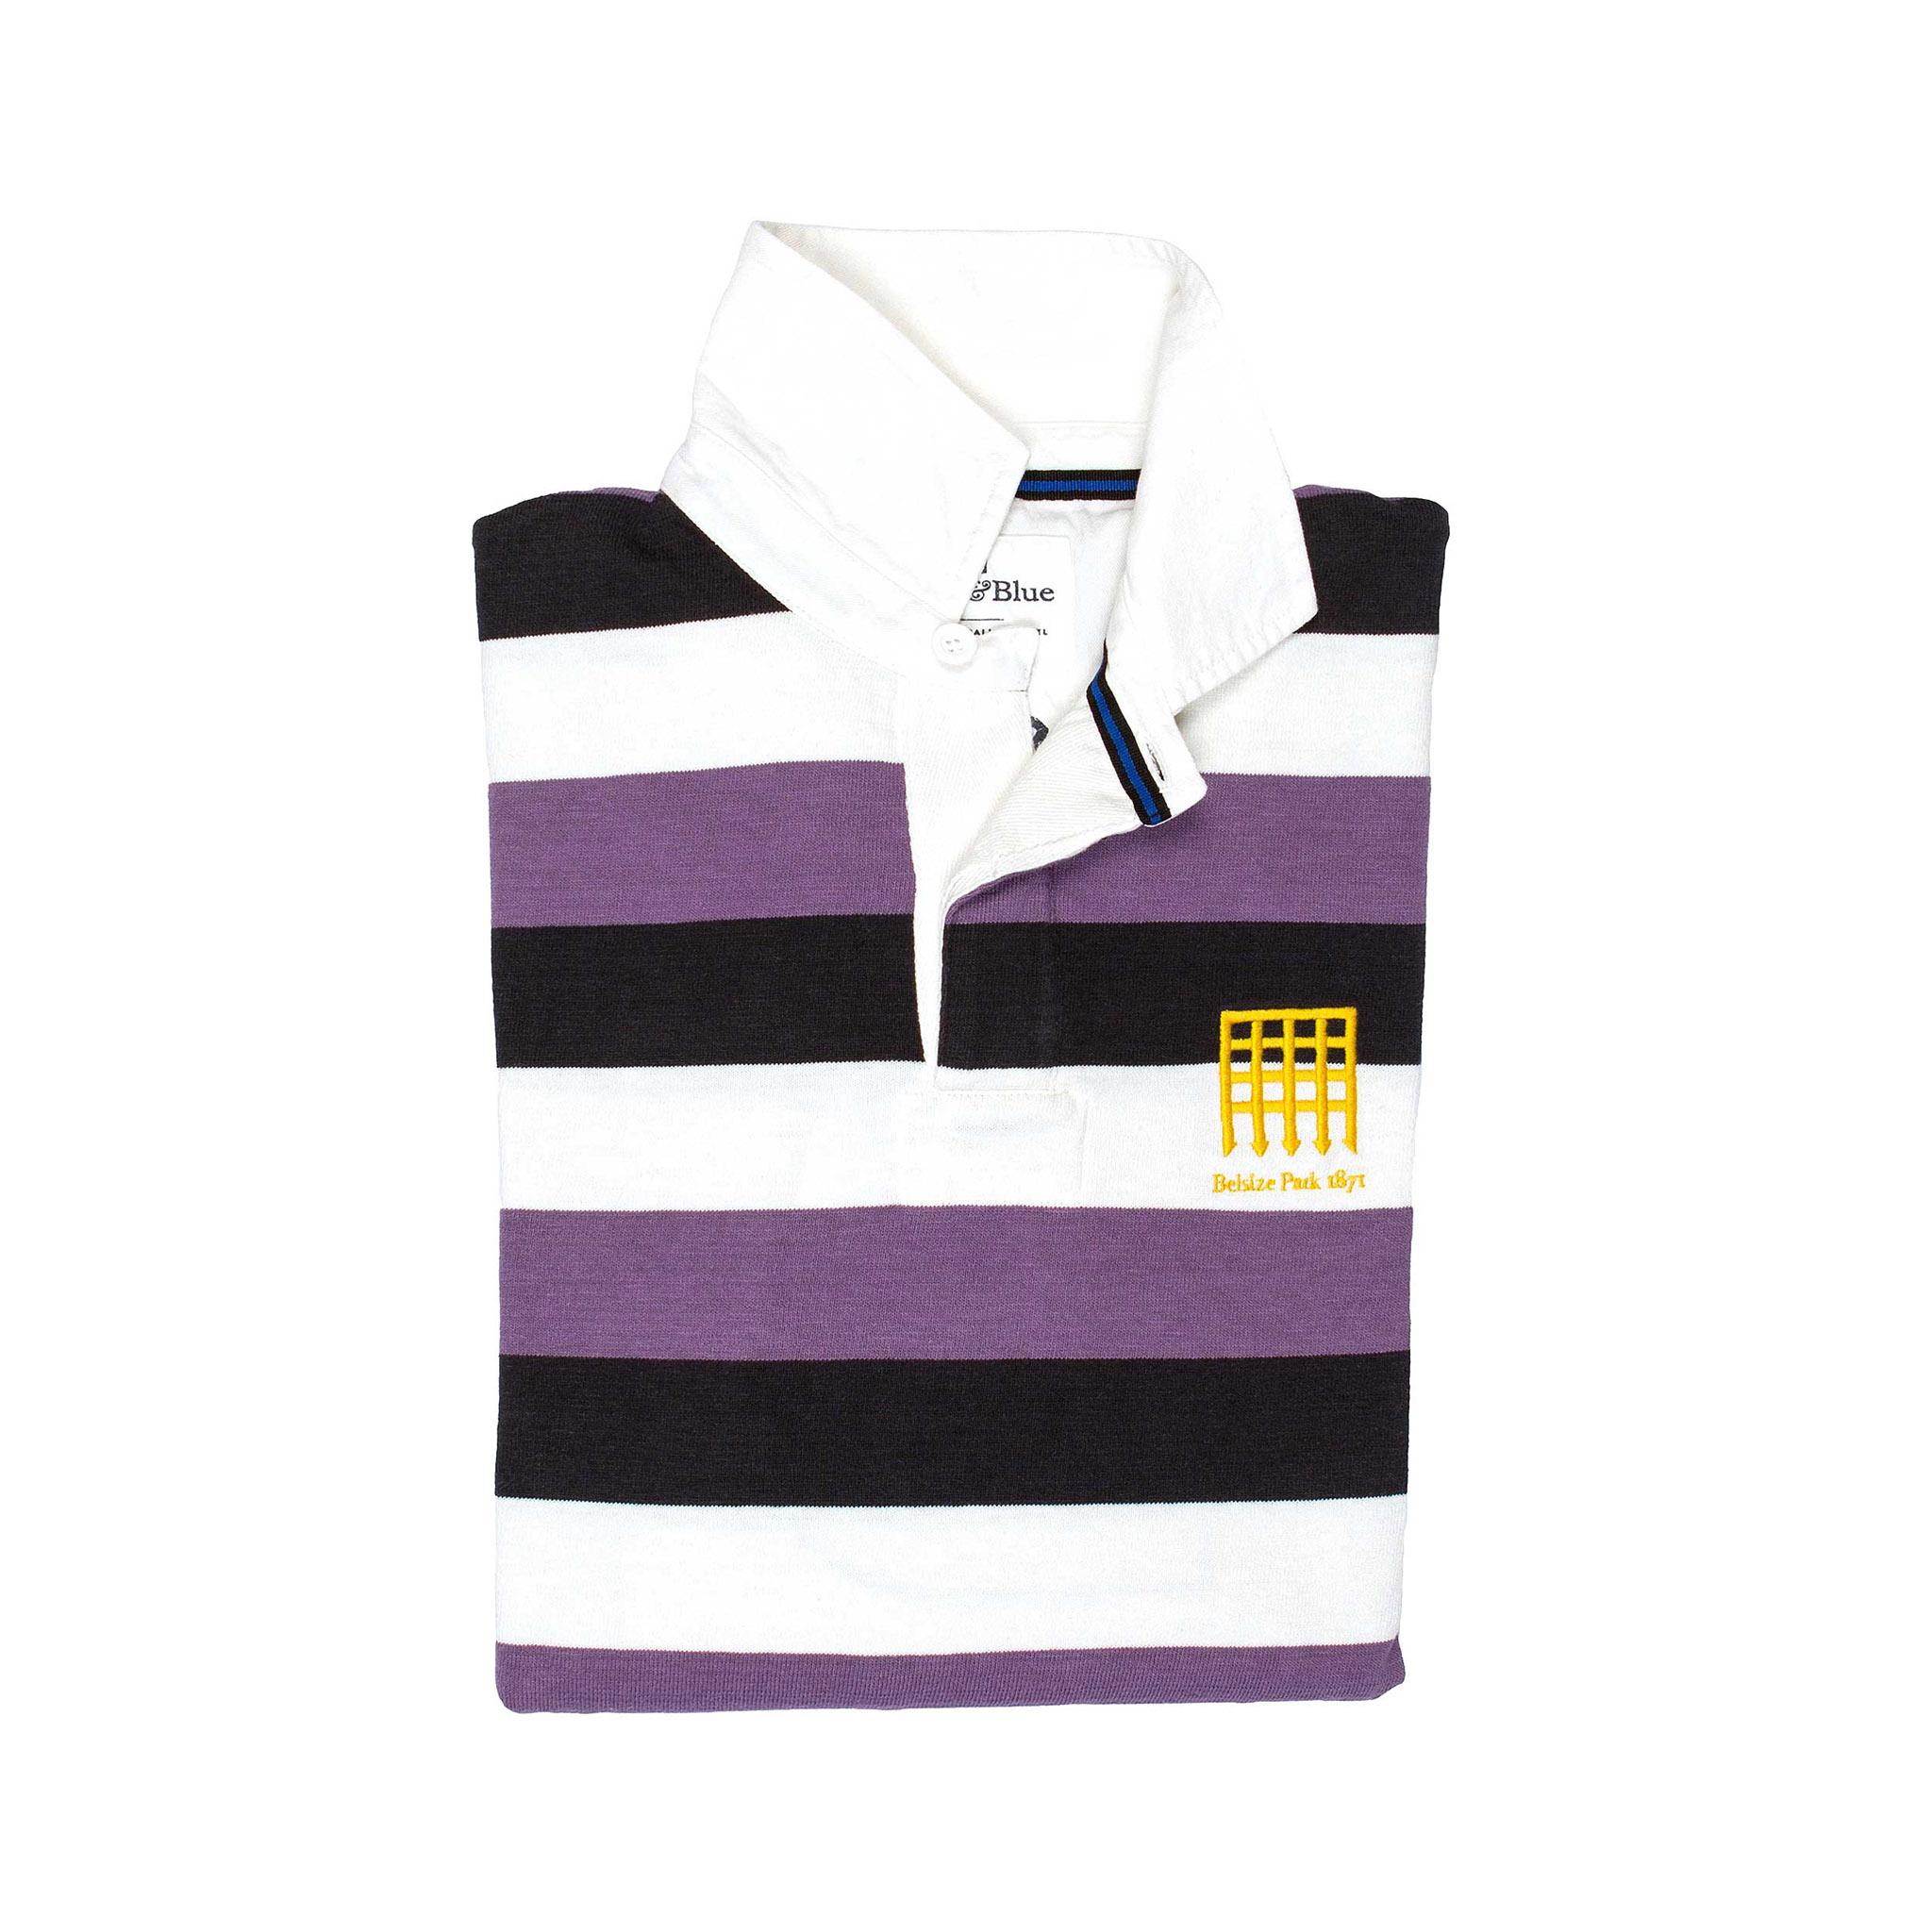 Belsize Park 1871 Rugby Shirt - folded